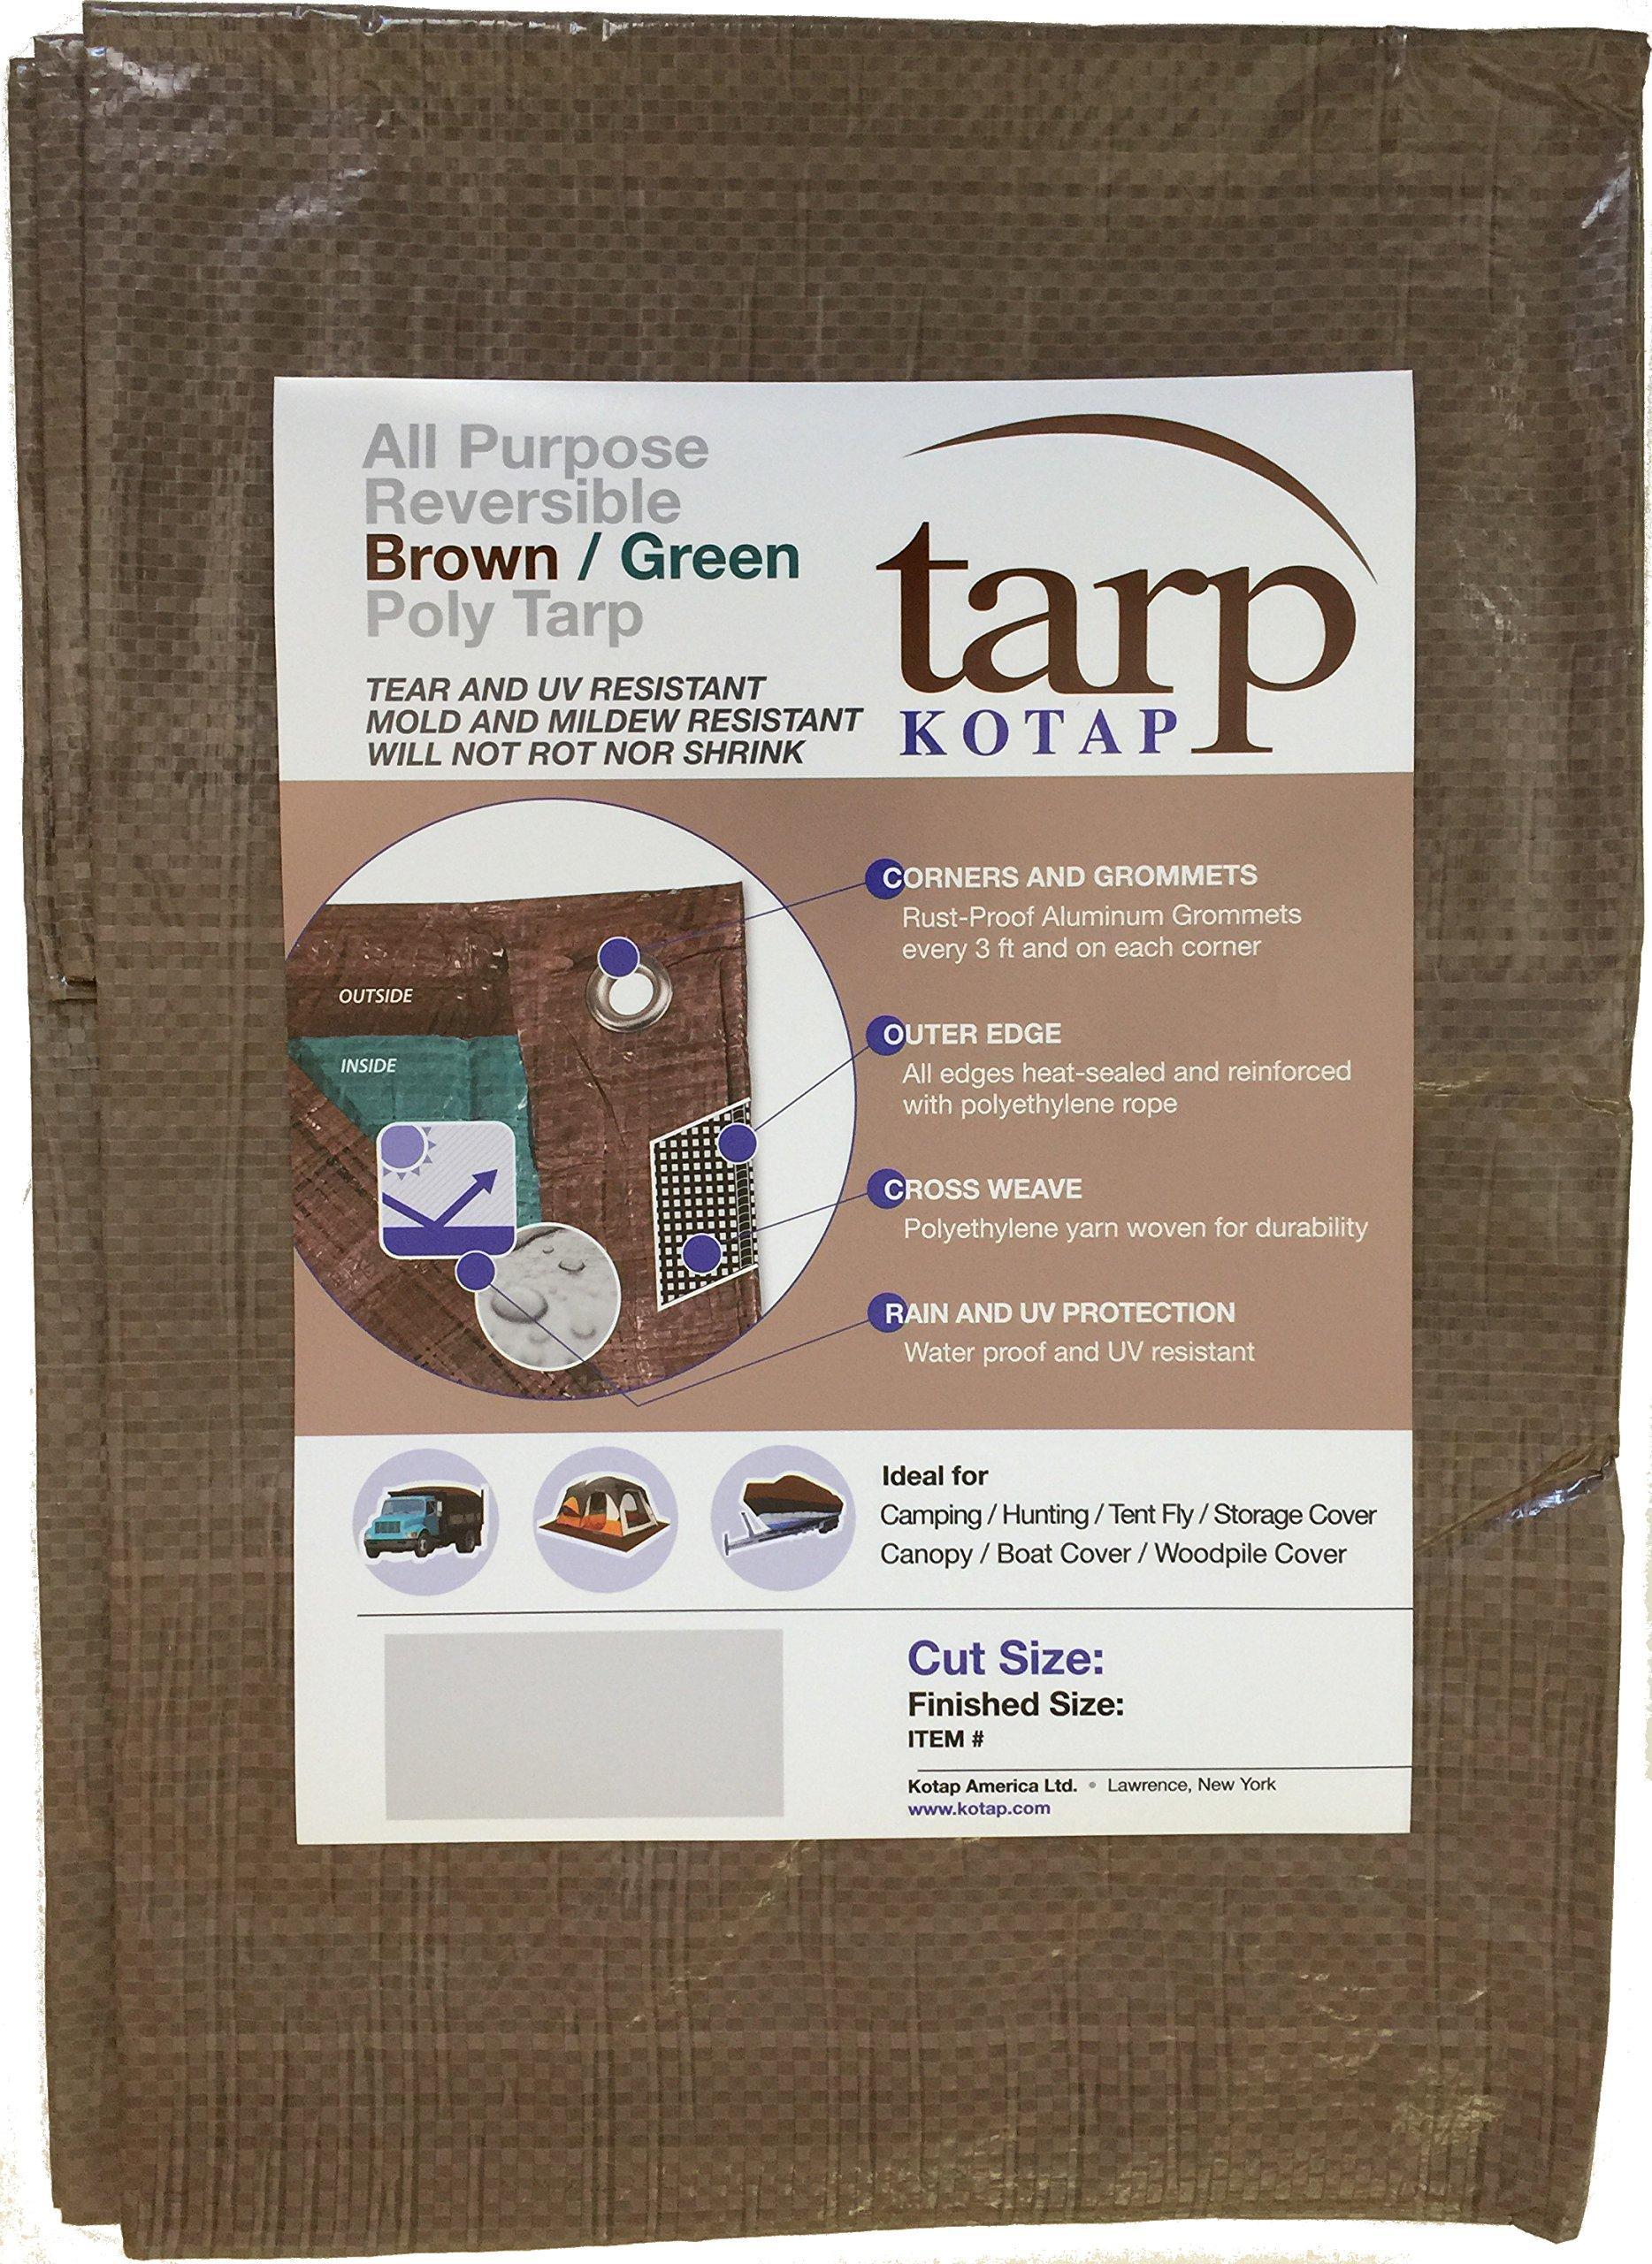 Kotap 12-ft x 20-ft Reversible Brown/Green Poly Tarp, Item: TBG-1220